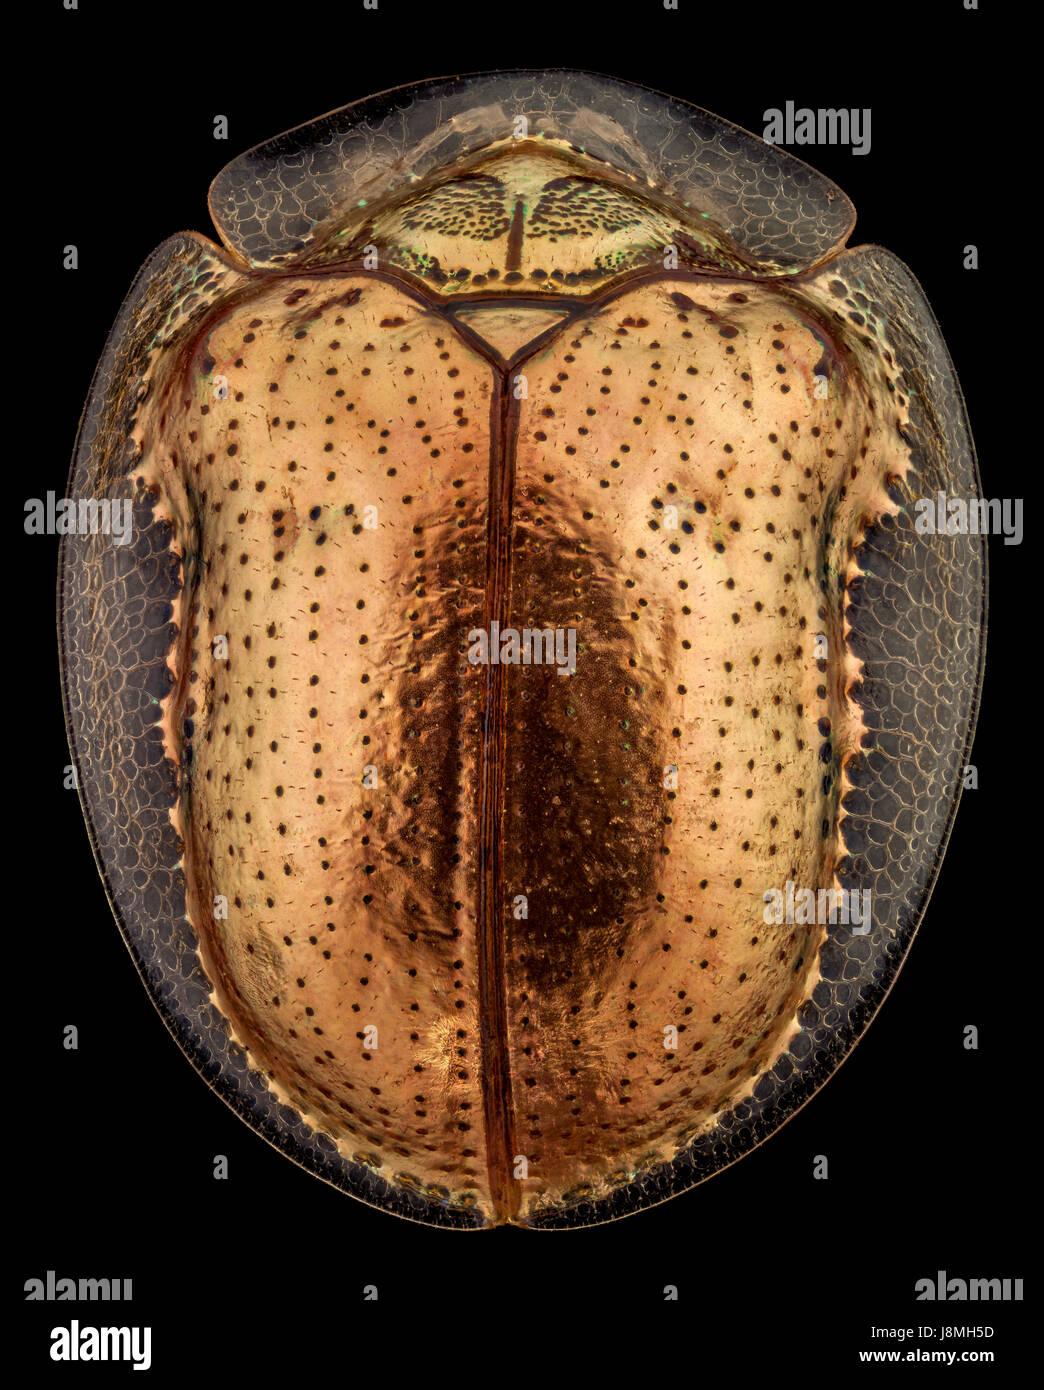 Vista superior de un escarabajo tortuga dorada.El escarabajo de tortuga de oro es una especie de escarabajo en la hoja, de la familia de escarabajos nativos de las Américas Foto de stock